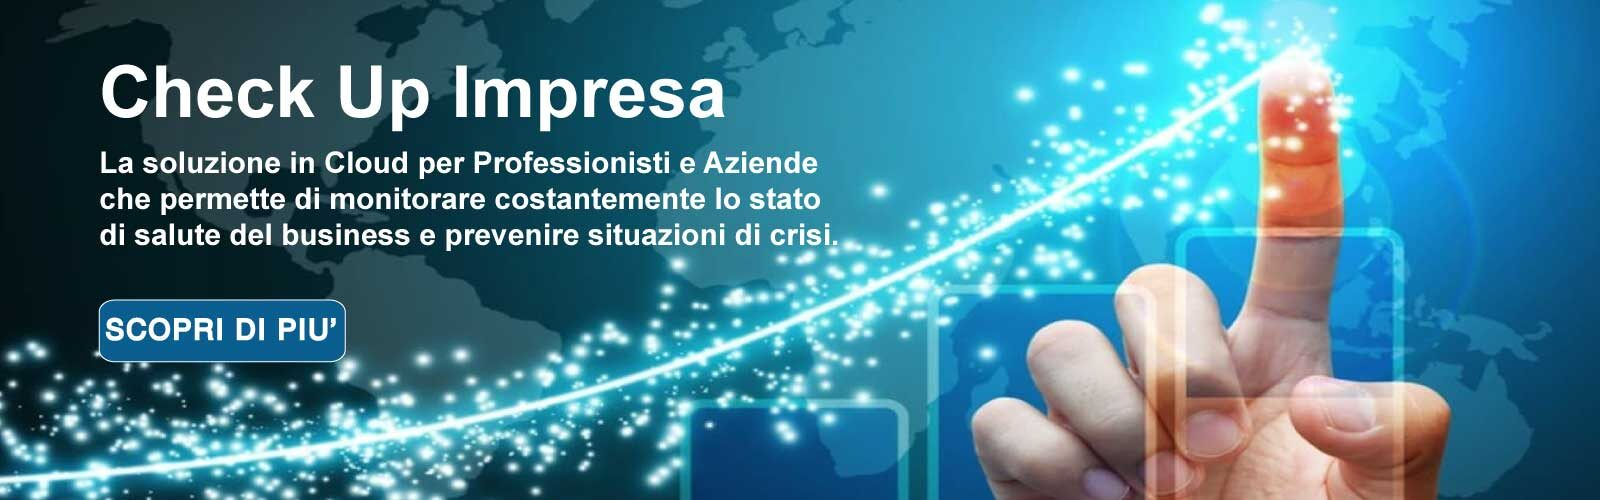 CHECK UP IMPRESA: Il software per prevenire la Crisi di Impresa